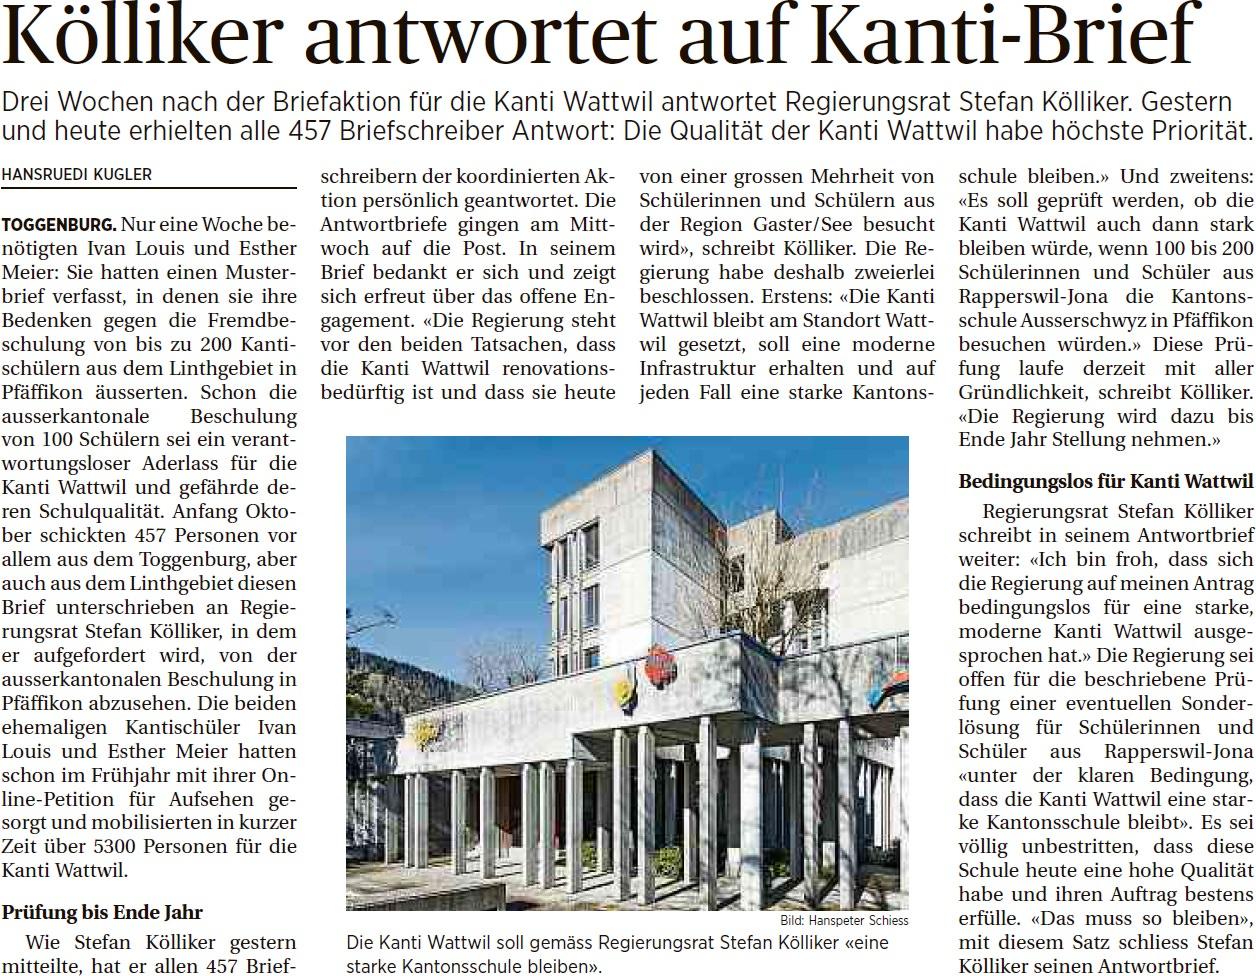 Kölliker antwortet auf Kanti-Brief (Freitag, 31.10.2014)